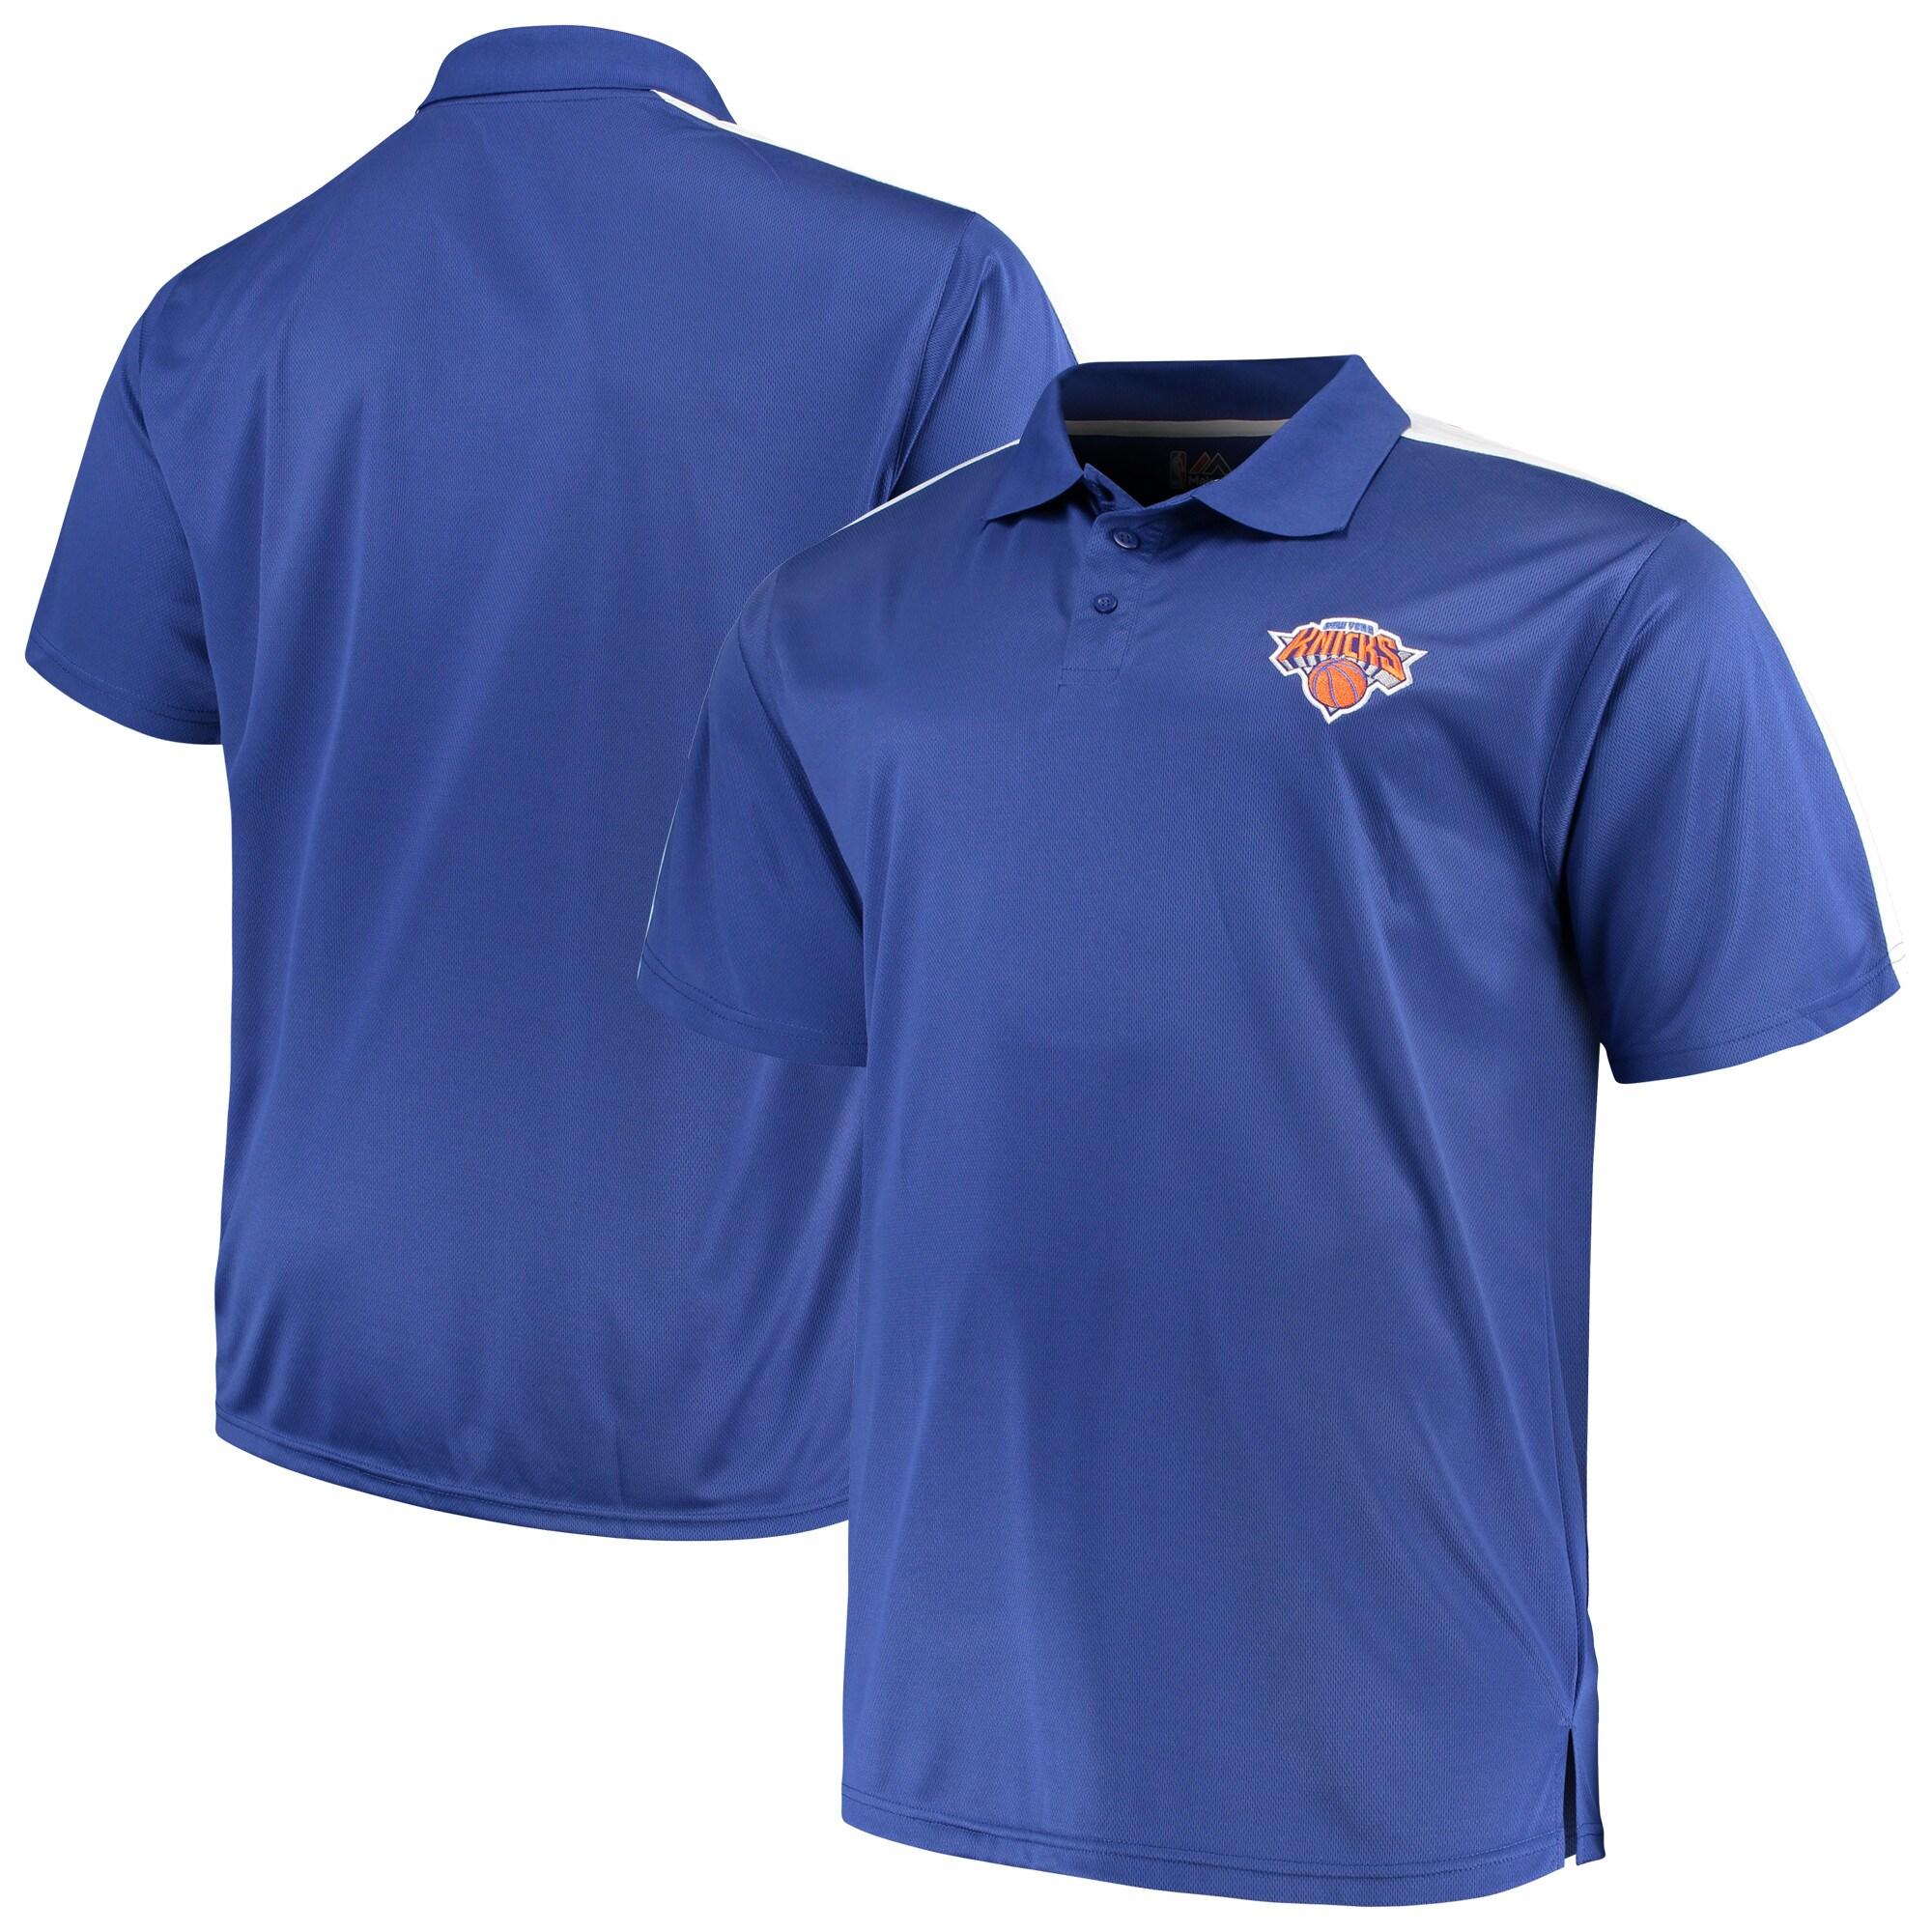 New York Knicks Majestic Big & Tall Birdseye Polo - Blue/White